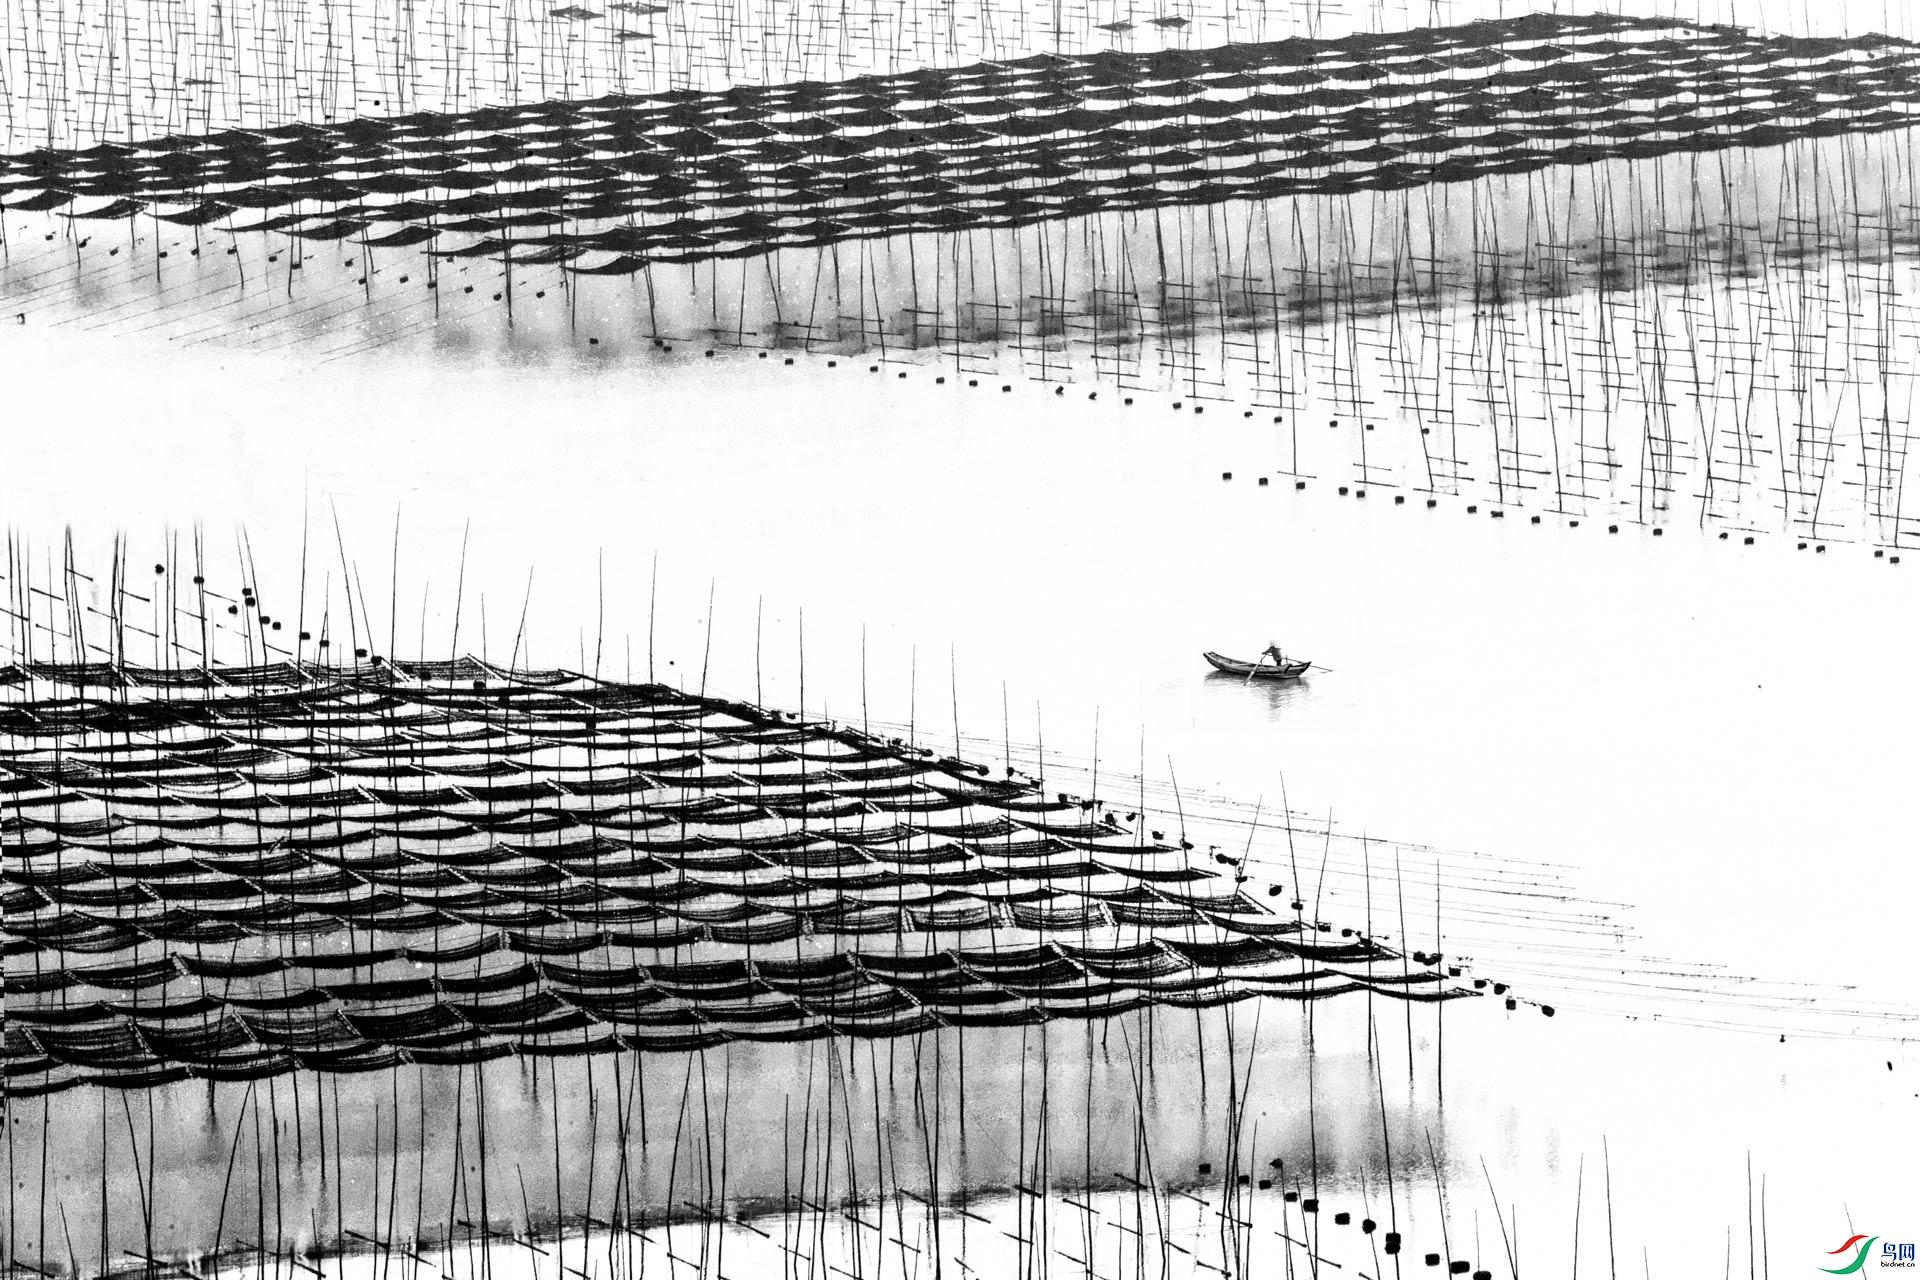 海上织锦a-1.jpg